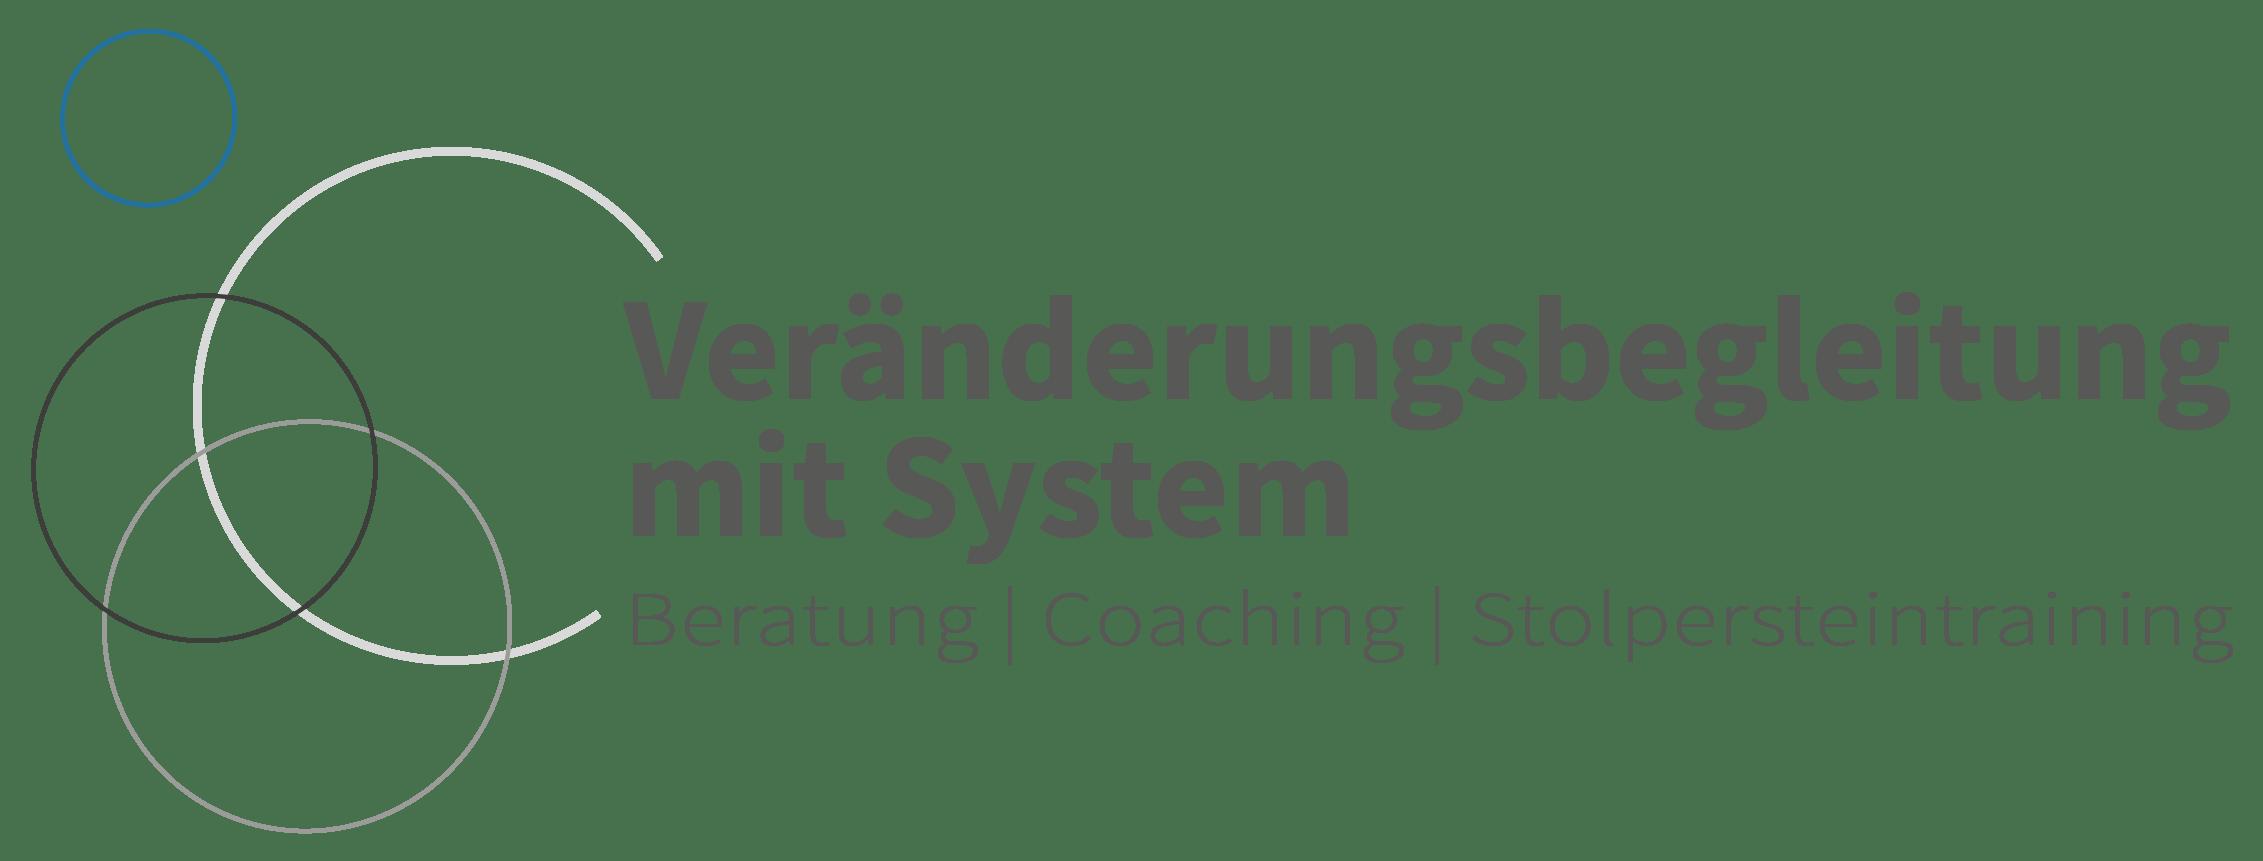 Veränderungsbegleitung mit System